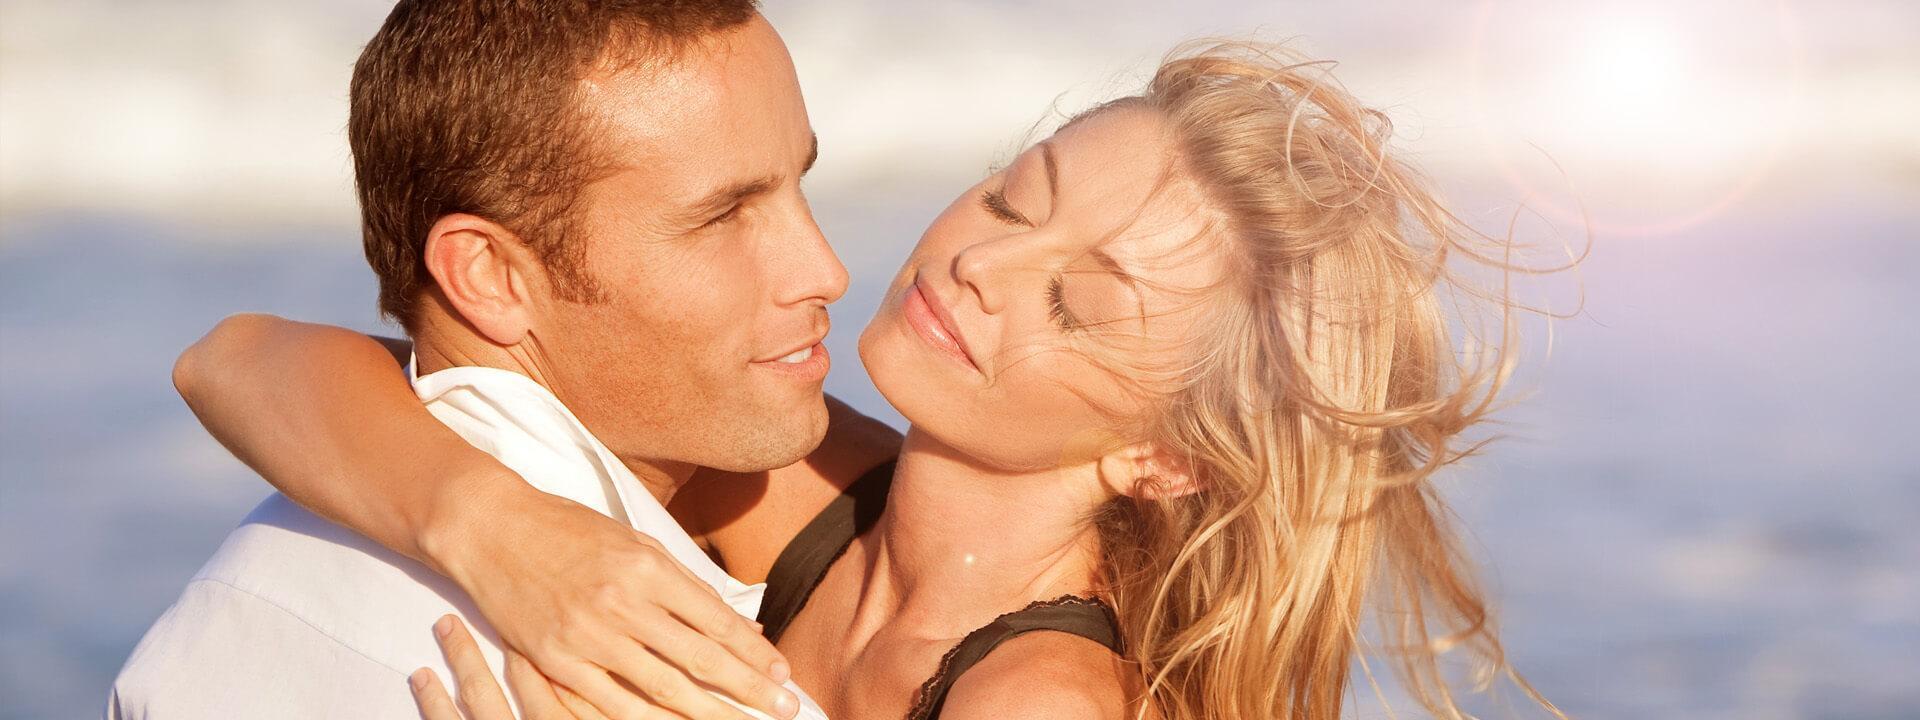 sexy russische frauen heiraten